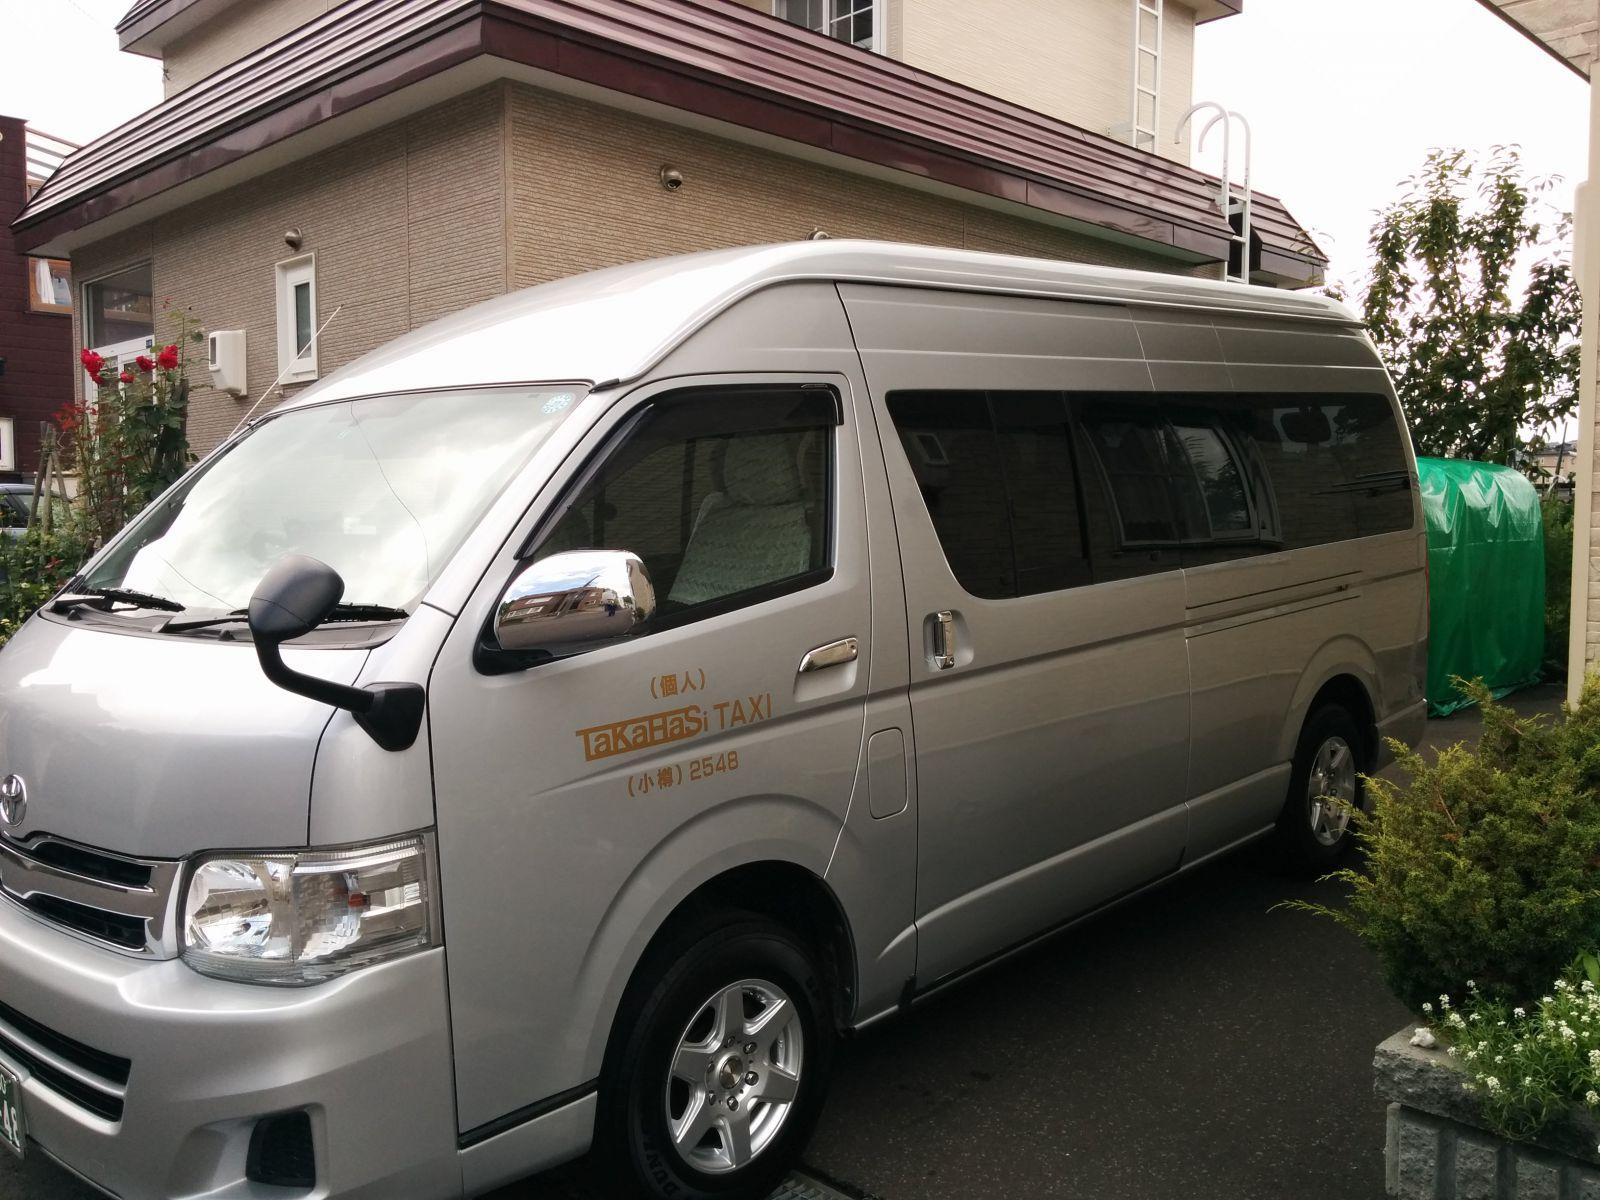 【小樽】小樽観光タクシーのワックス掛け